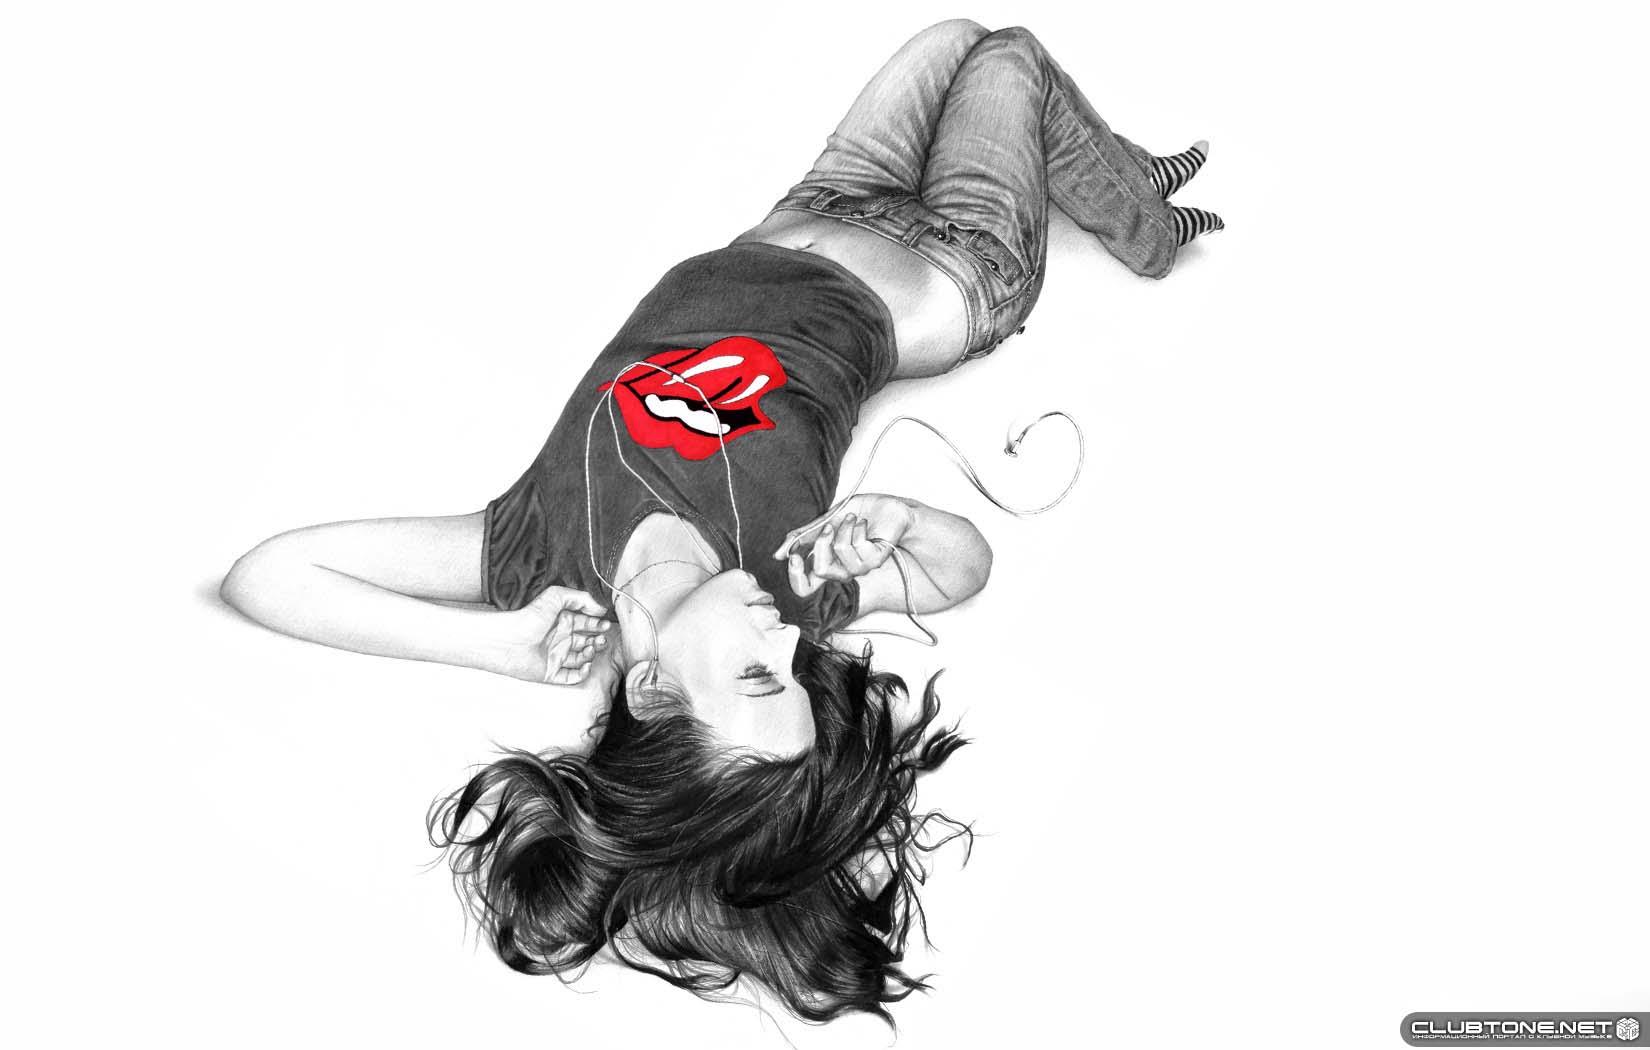 Нарисованные картинки широкобёдрых женщин фото 683-393